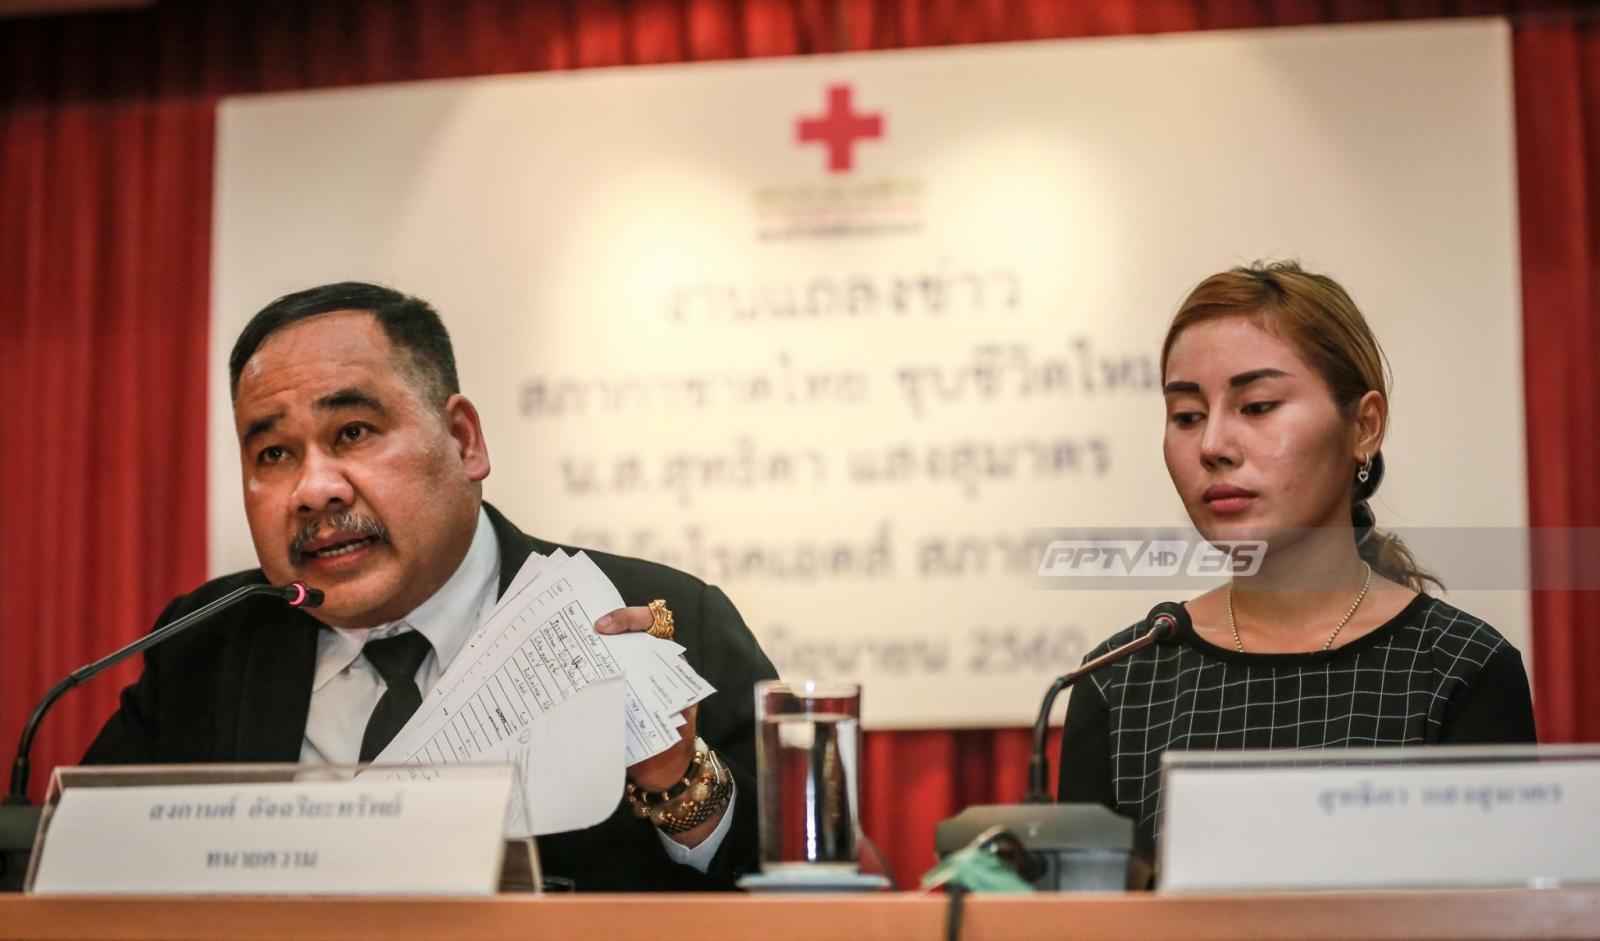 ผลตรวจยืนยันสาวผู้เสียหายไม่ติดเชื้อเอชไอวี